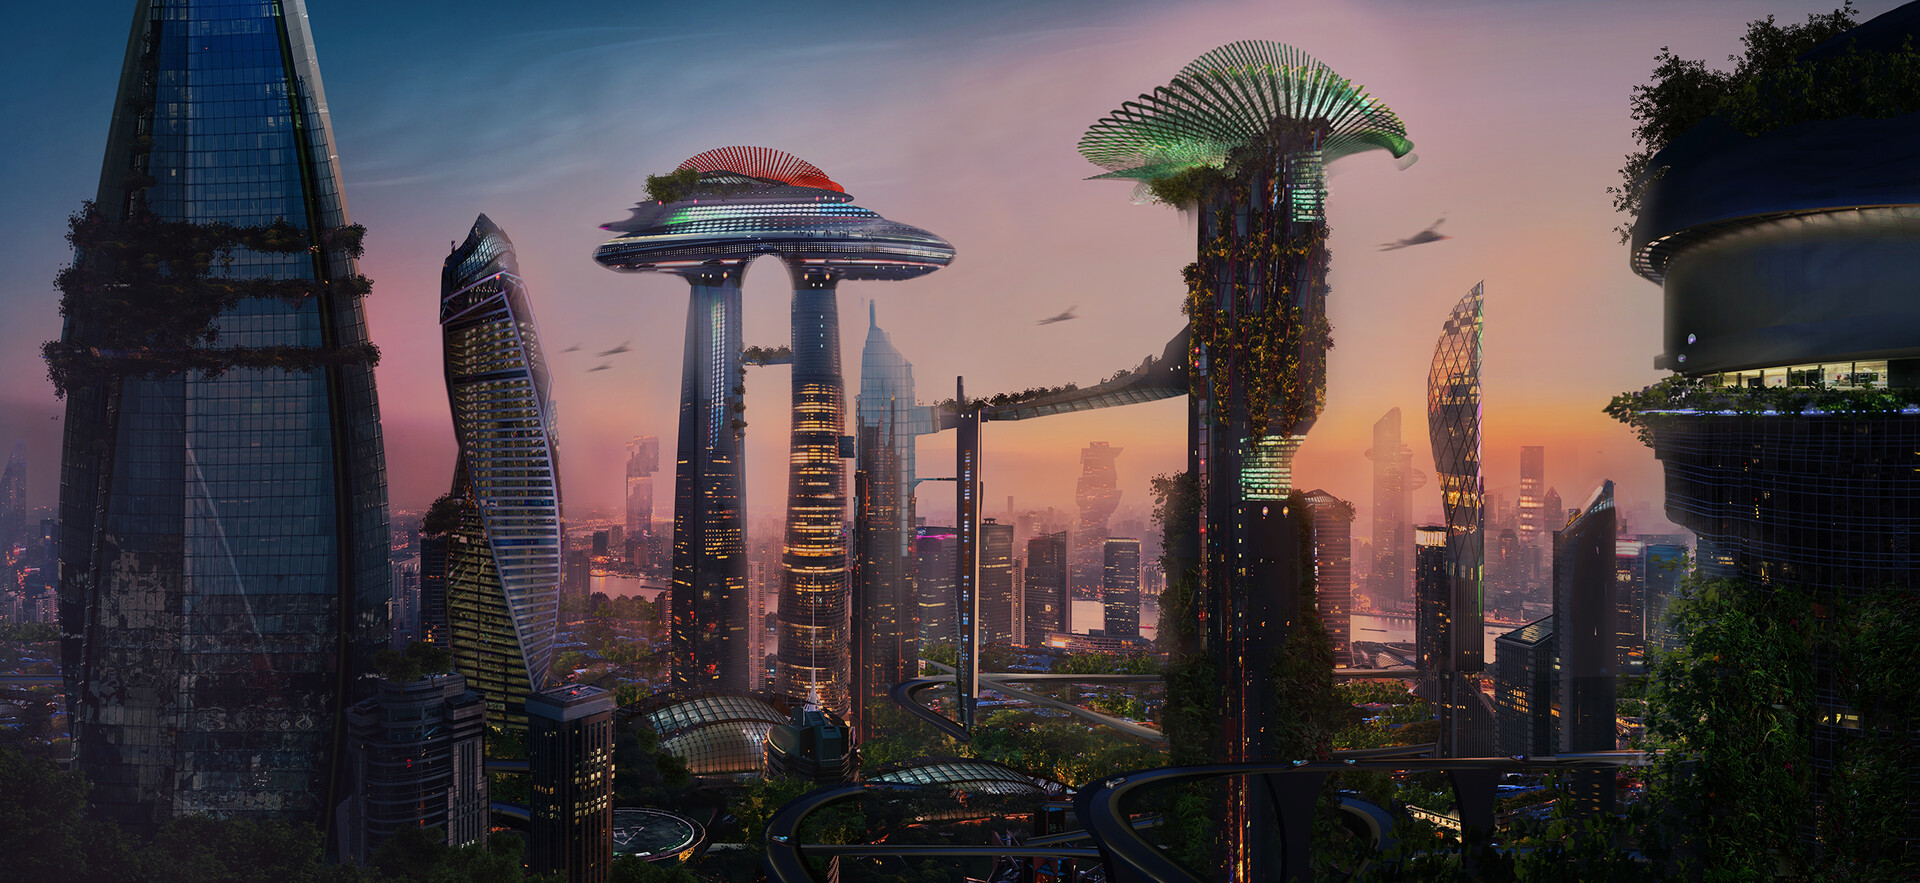 Sci - Fi  City concept art